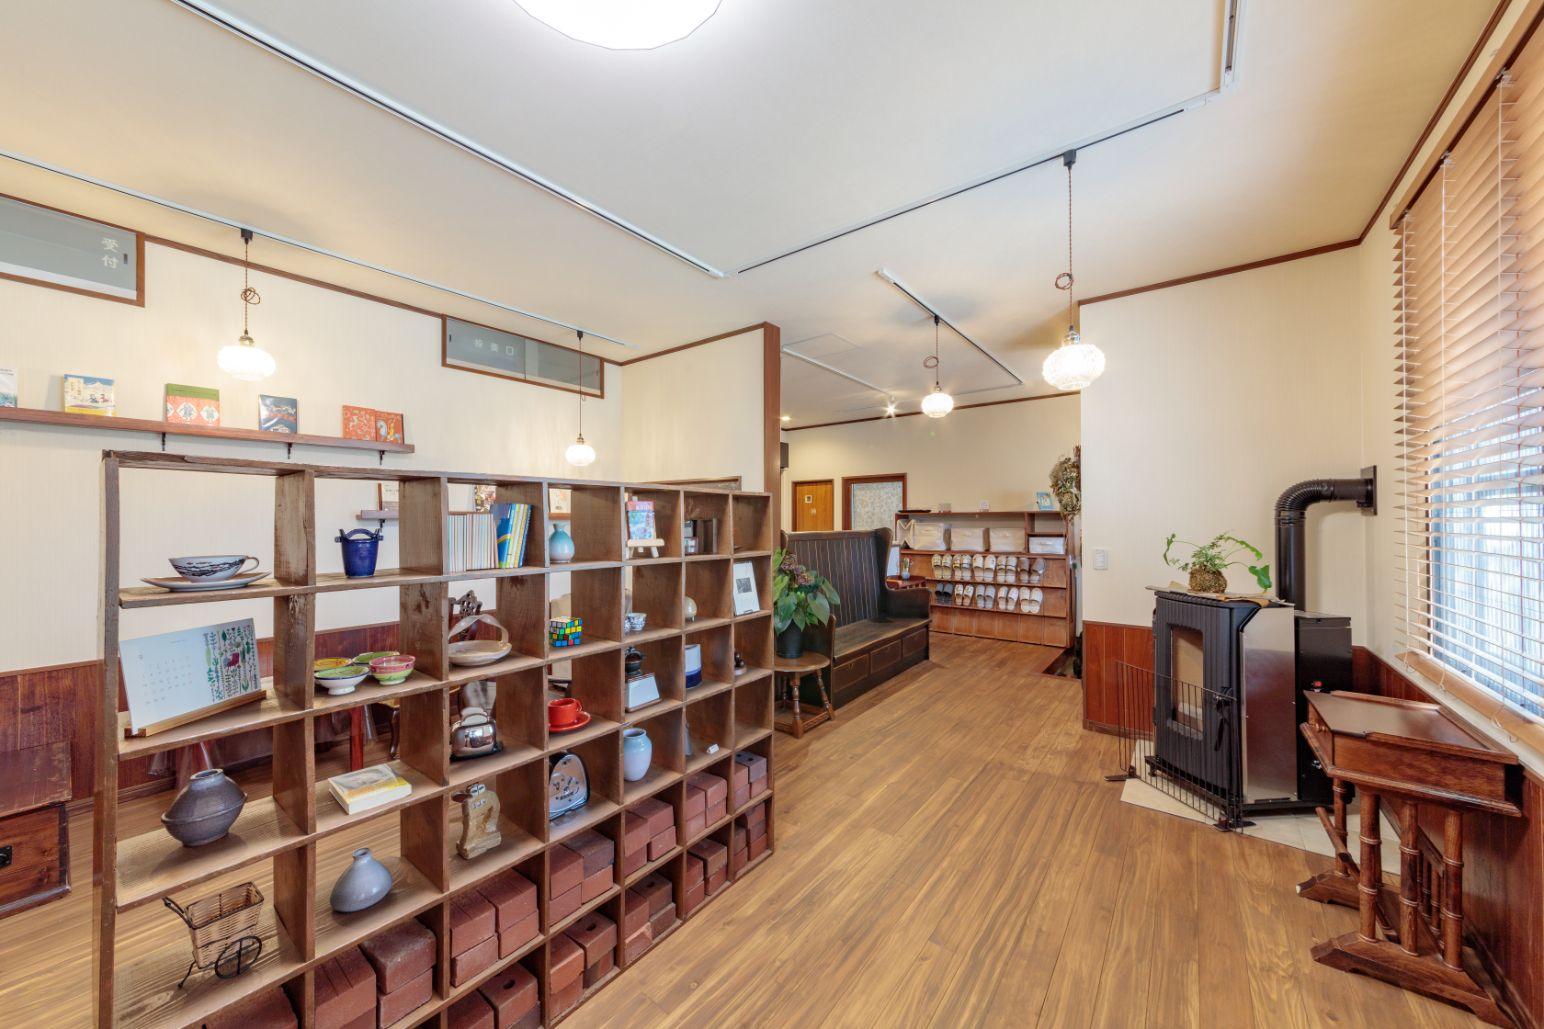 廿日市市|自宅の一部を居心地の良いブックカフェにリフォーム